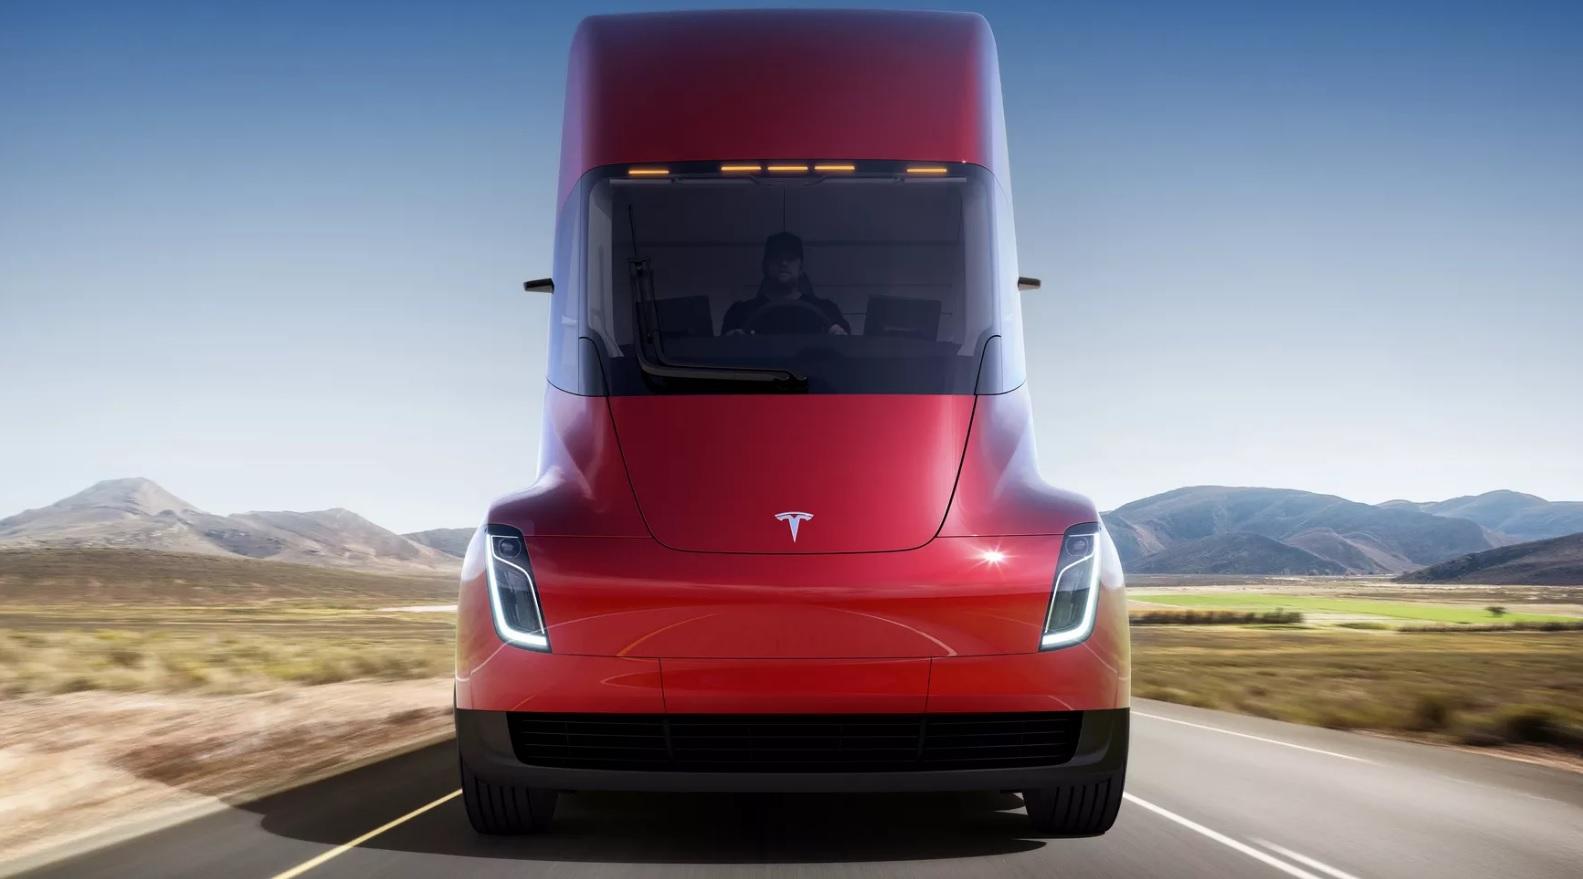 sa-lansat-primul-camion-electric-tesla-are-o-autonomie-